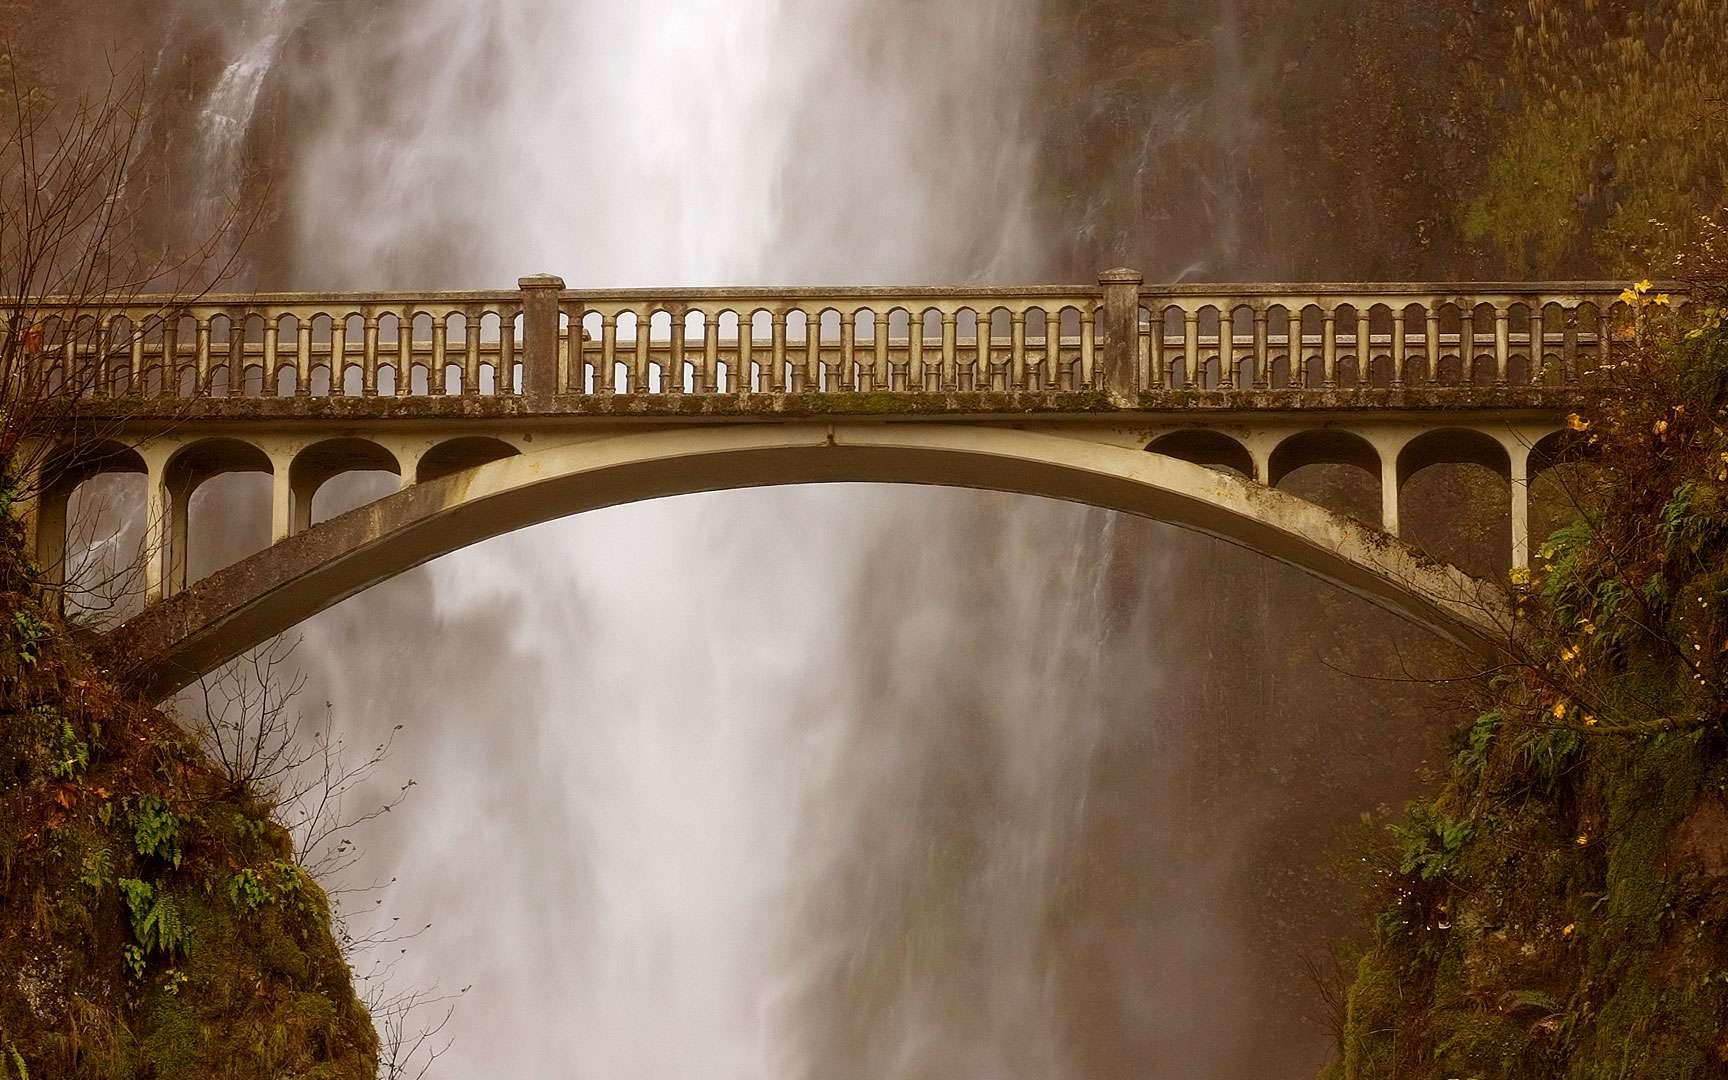 Le pont des chutes de Multnomah. Au-dessus des impressionnantes chutes d'eau de Multnomah, se dresse un pont du même nom. En janvier 2014, il a été victime d'une chute de pierres. Bien que les dégâts n'aient pas été trop importants, le pont est fermé depuis, en attente de réparations. Localisation : Oregon (États-Unis). © Paul M, Flickr, CC by-nc-nd 2.0